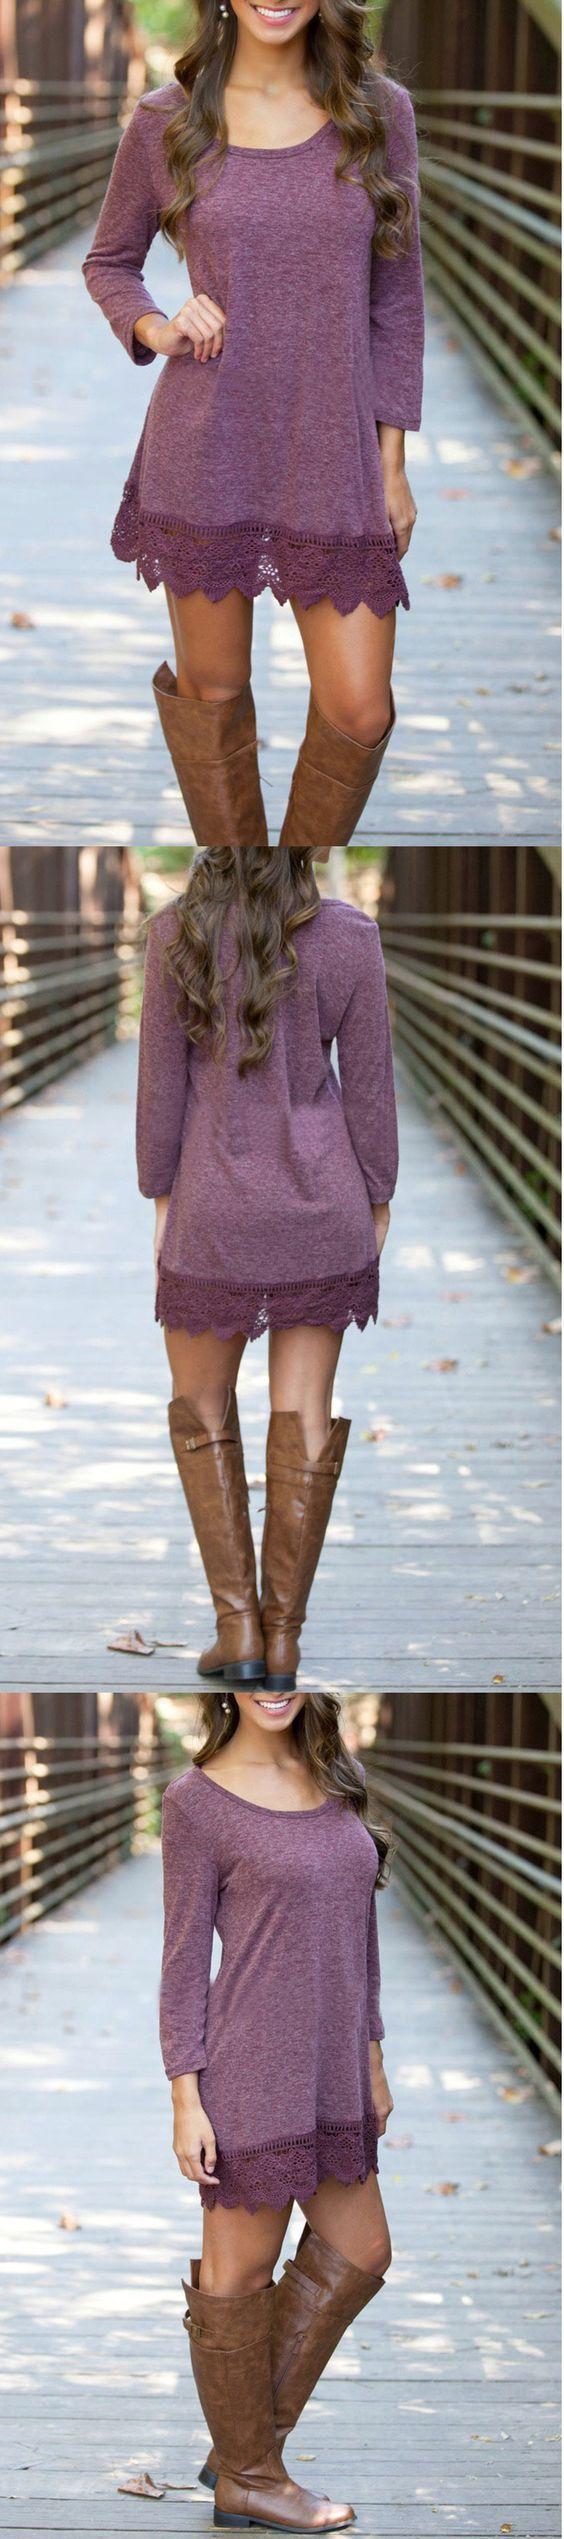 Chic Lace Paneled A-line Dress | Ropa casual, Vestidor y Vestiditos